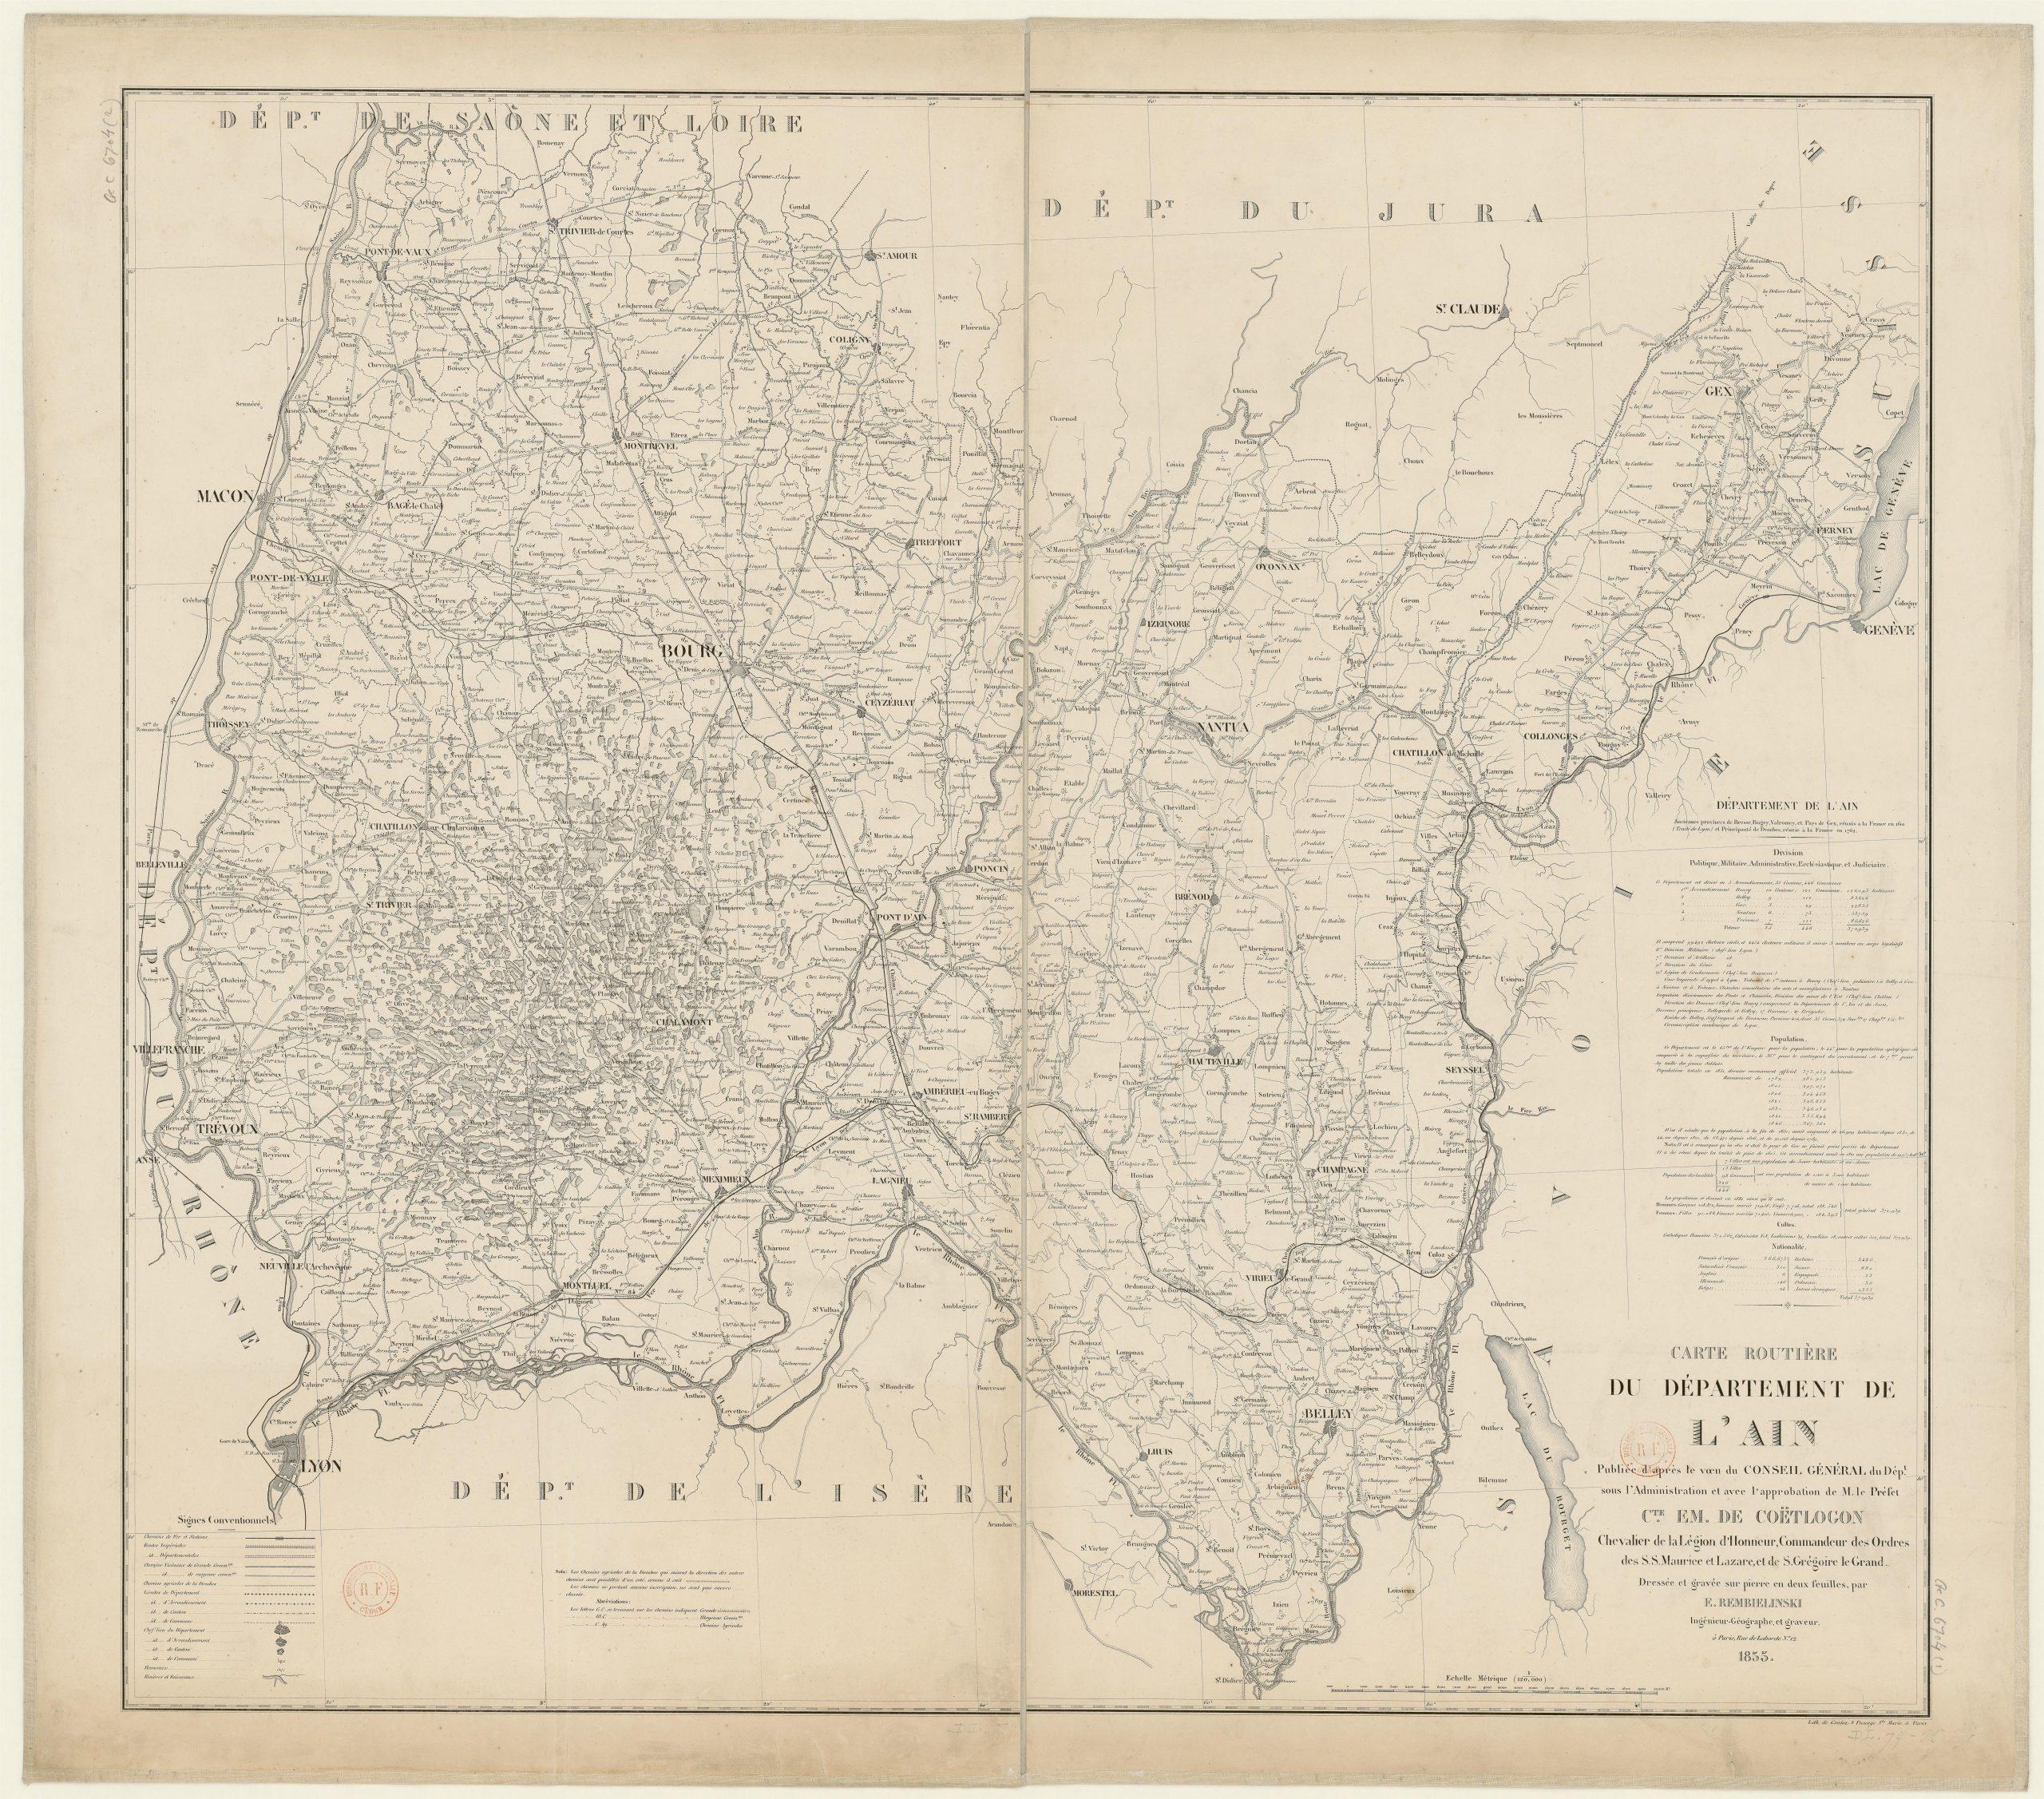 Fichier:carte Routière Du Département De L'ain - 1855 intérieur Département 13 Carte